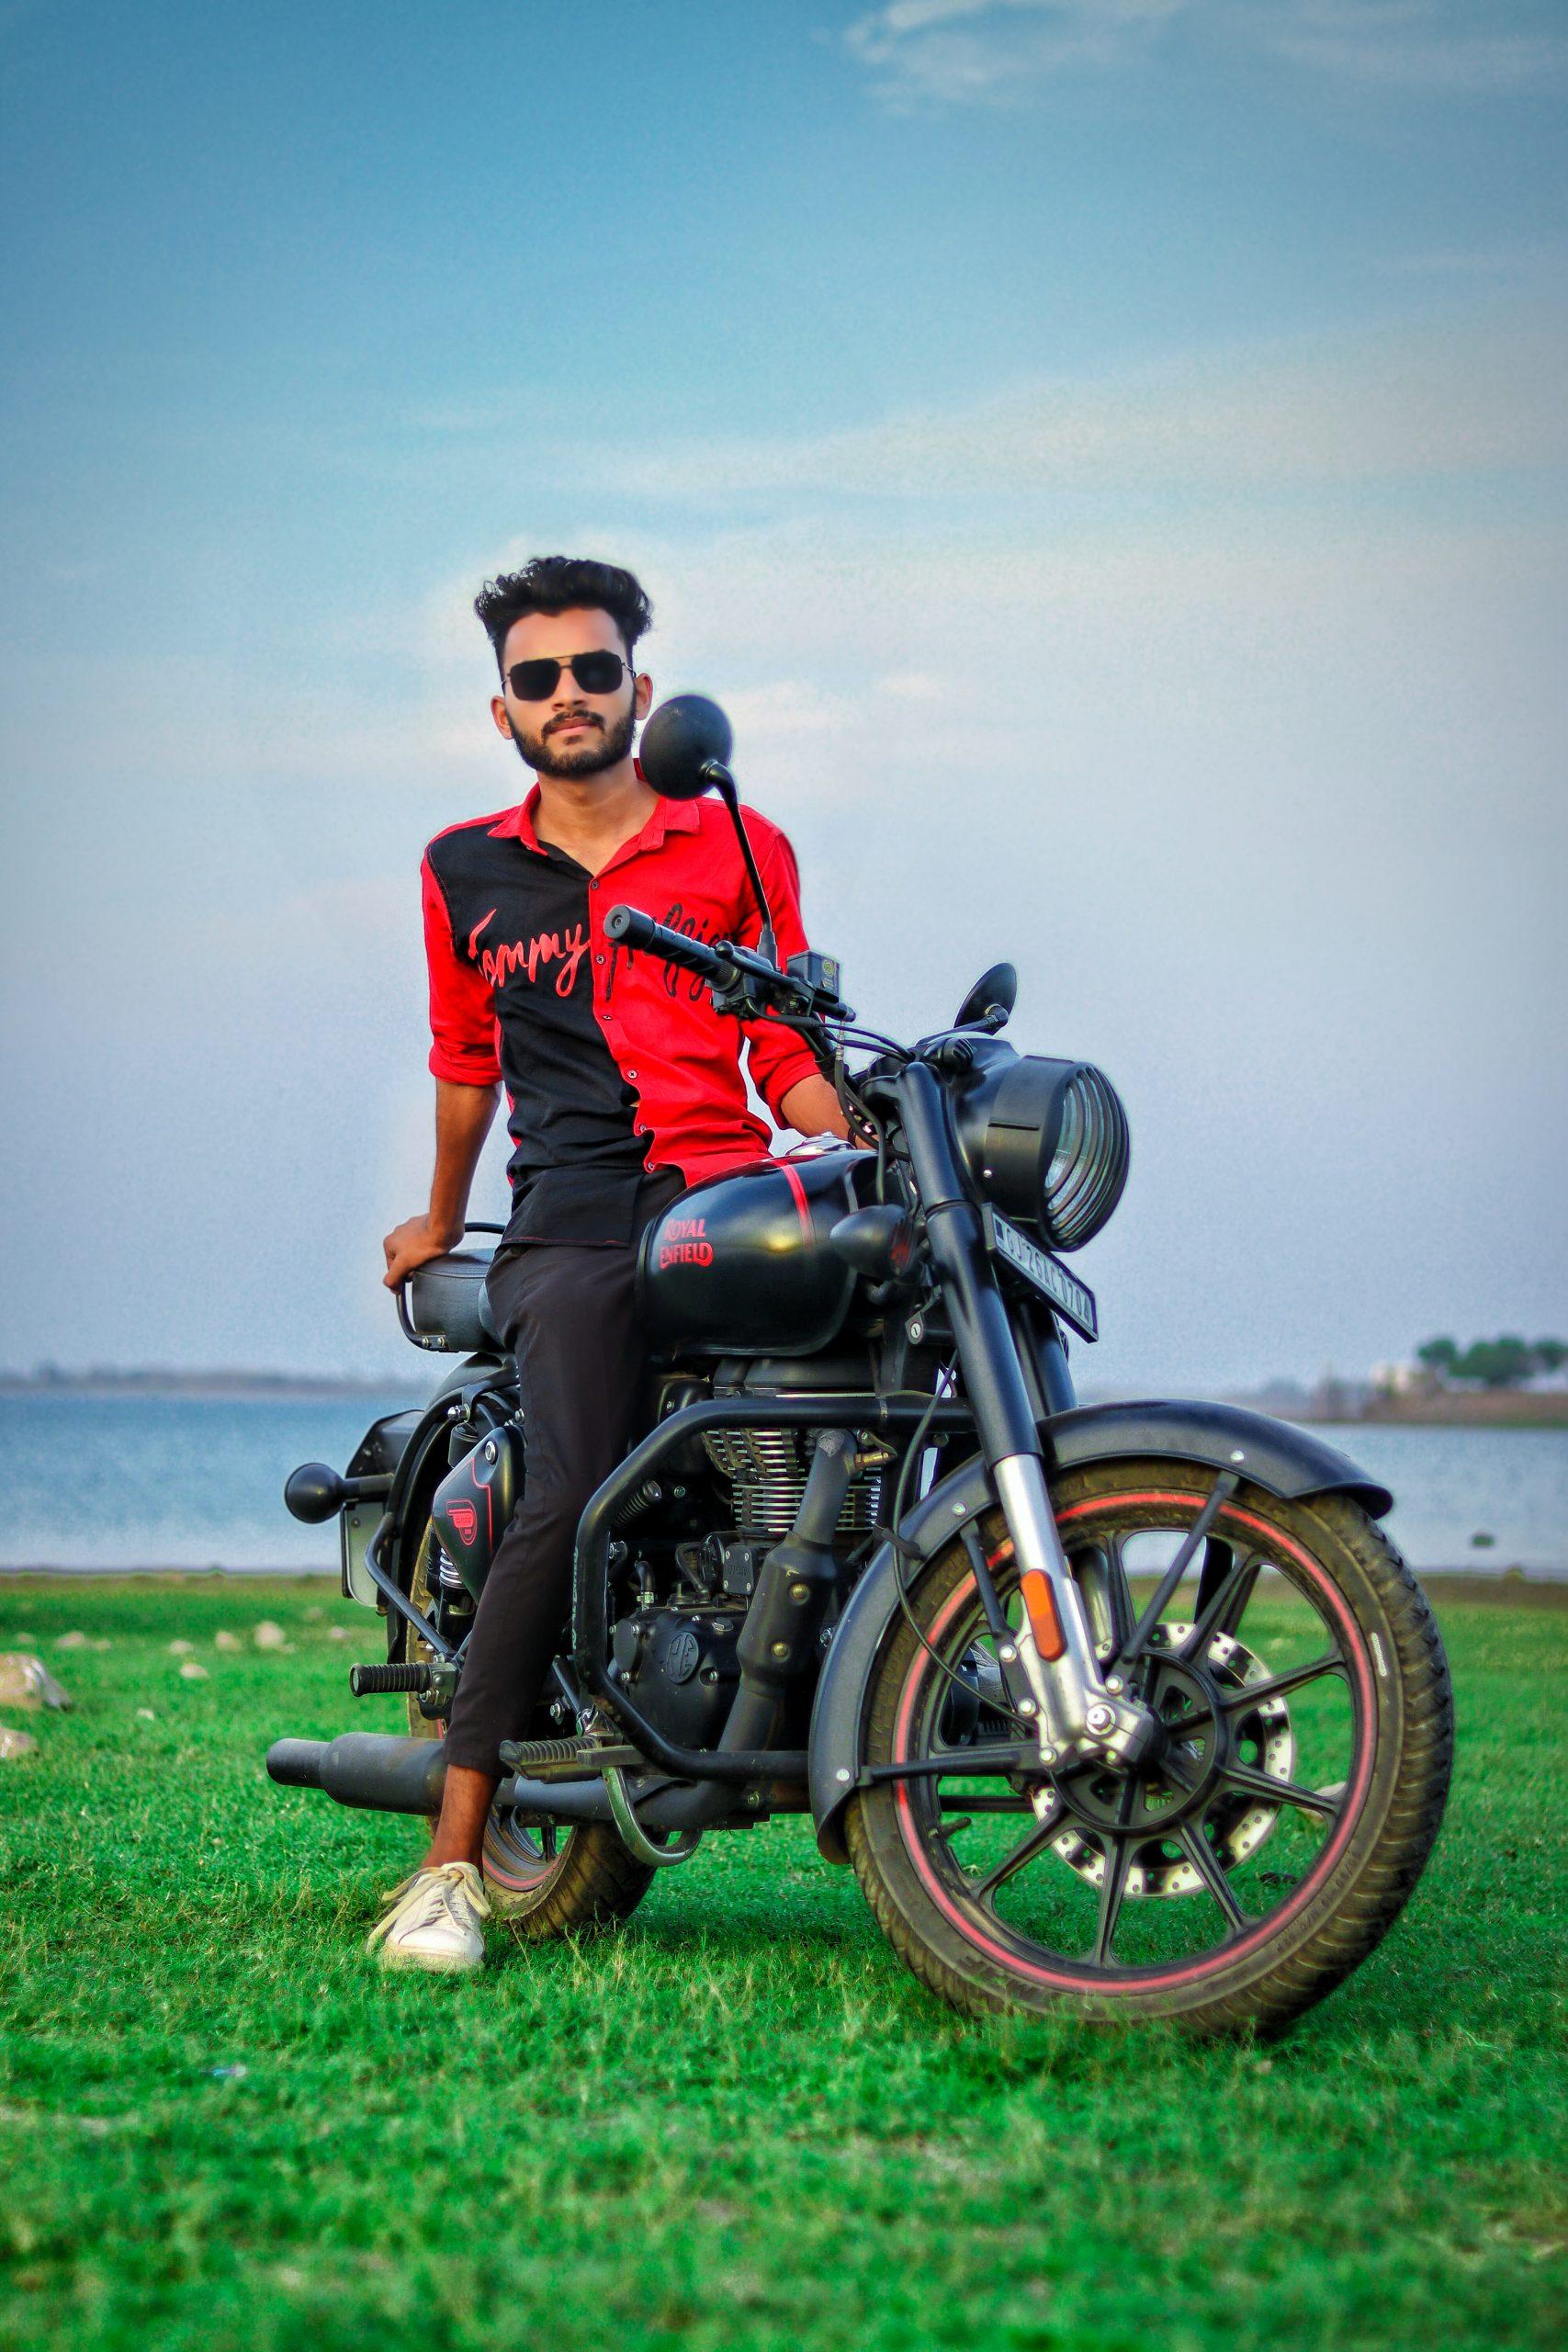 Boy posing on Royal Enfield bike